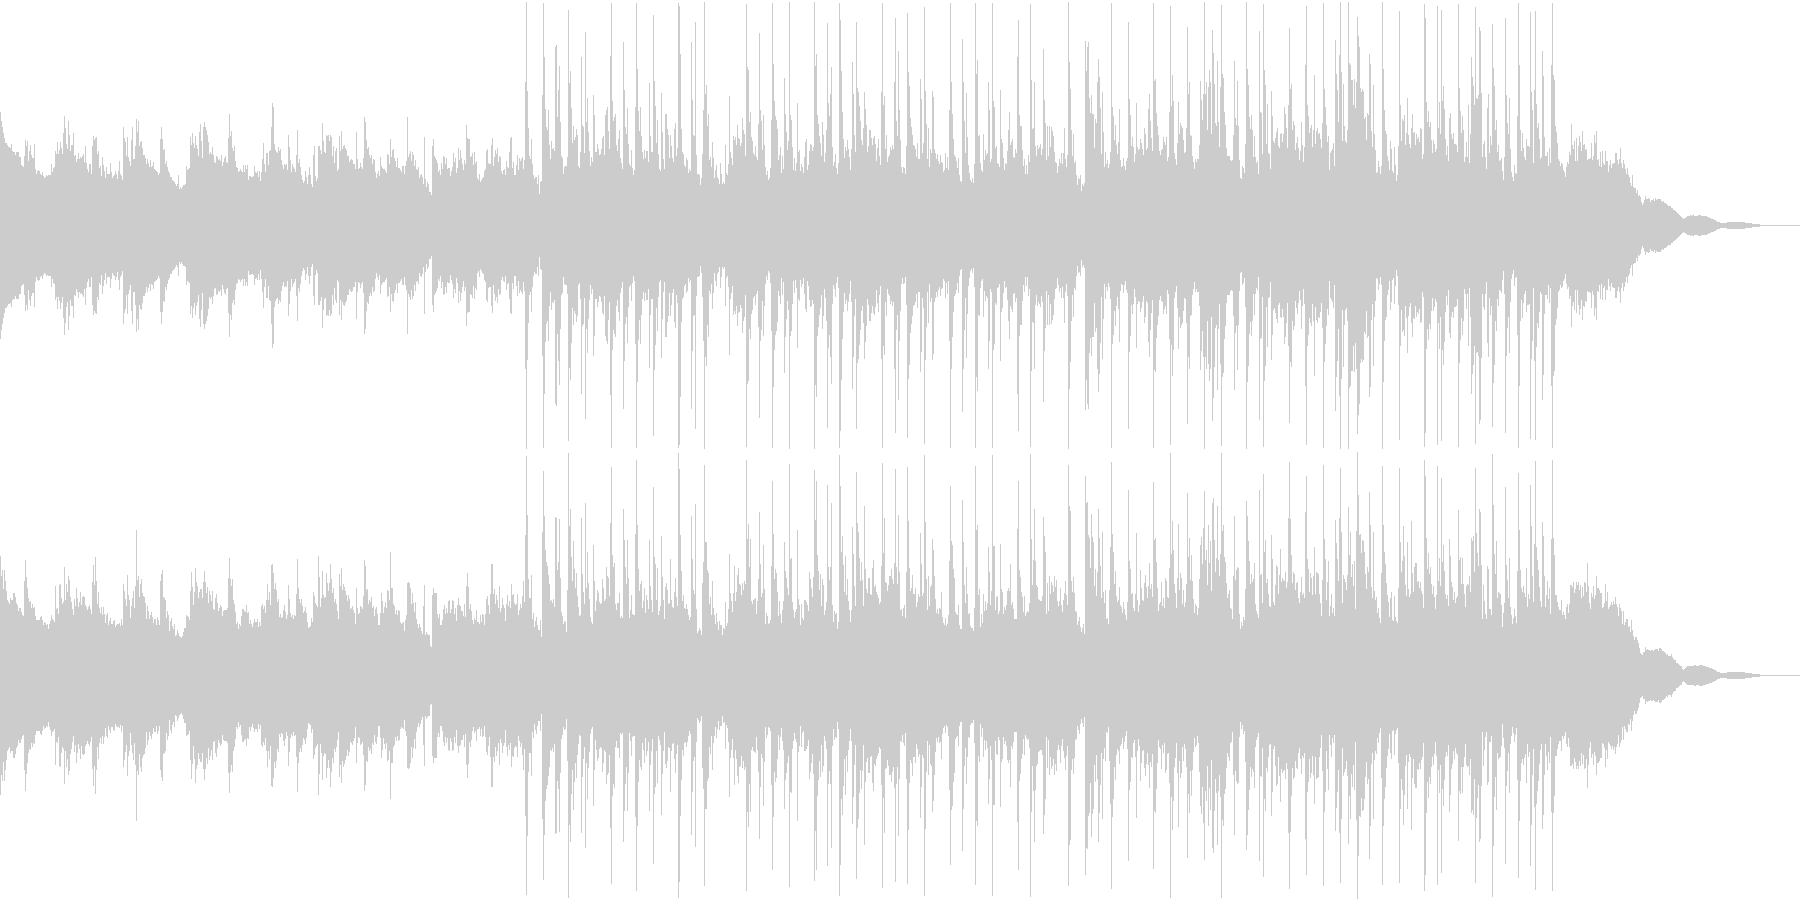 Pf「日差し」和風現代ジャズの未再生の波形